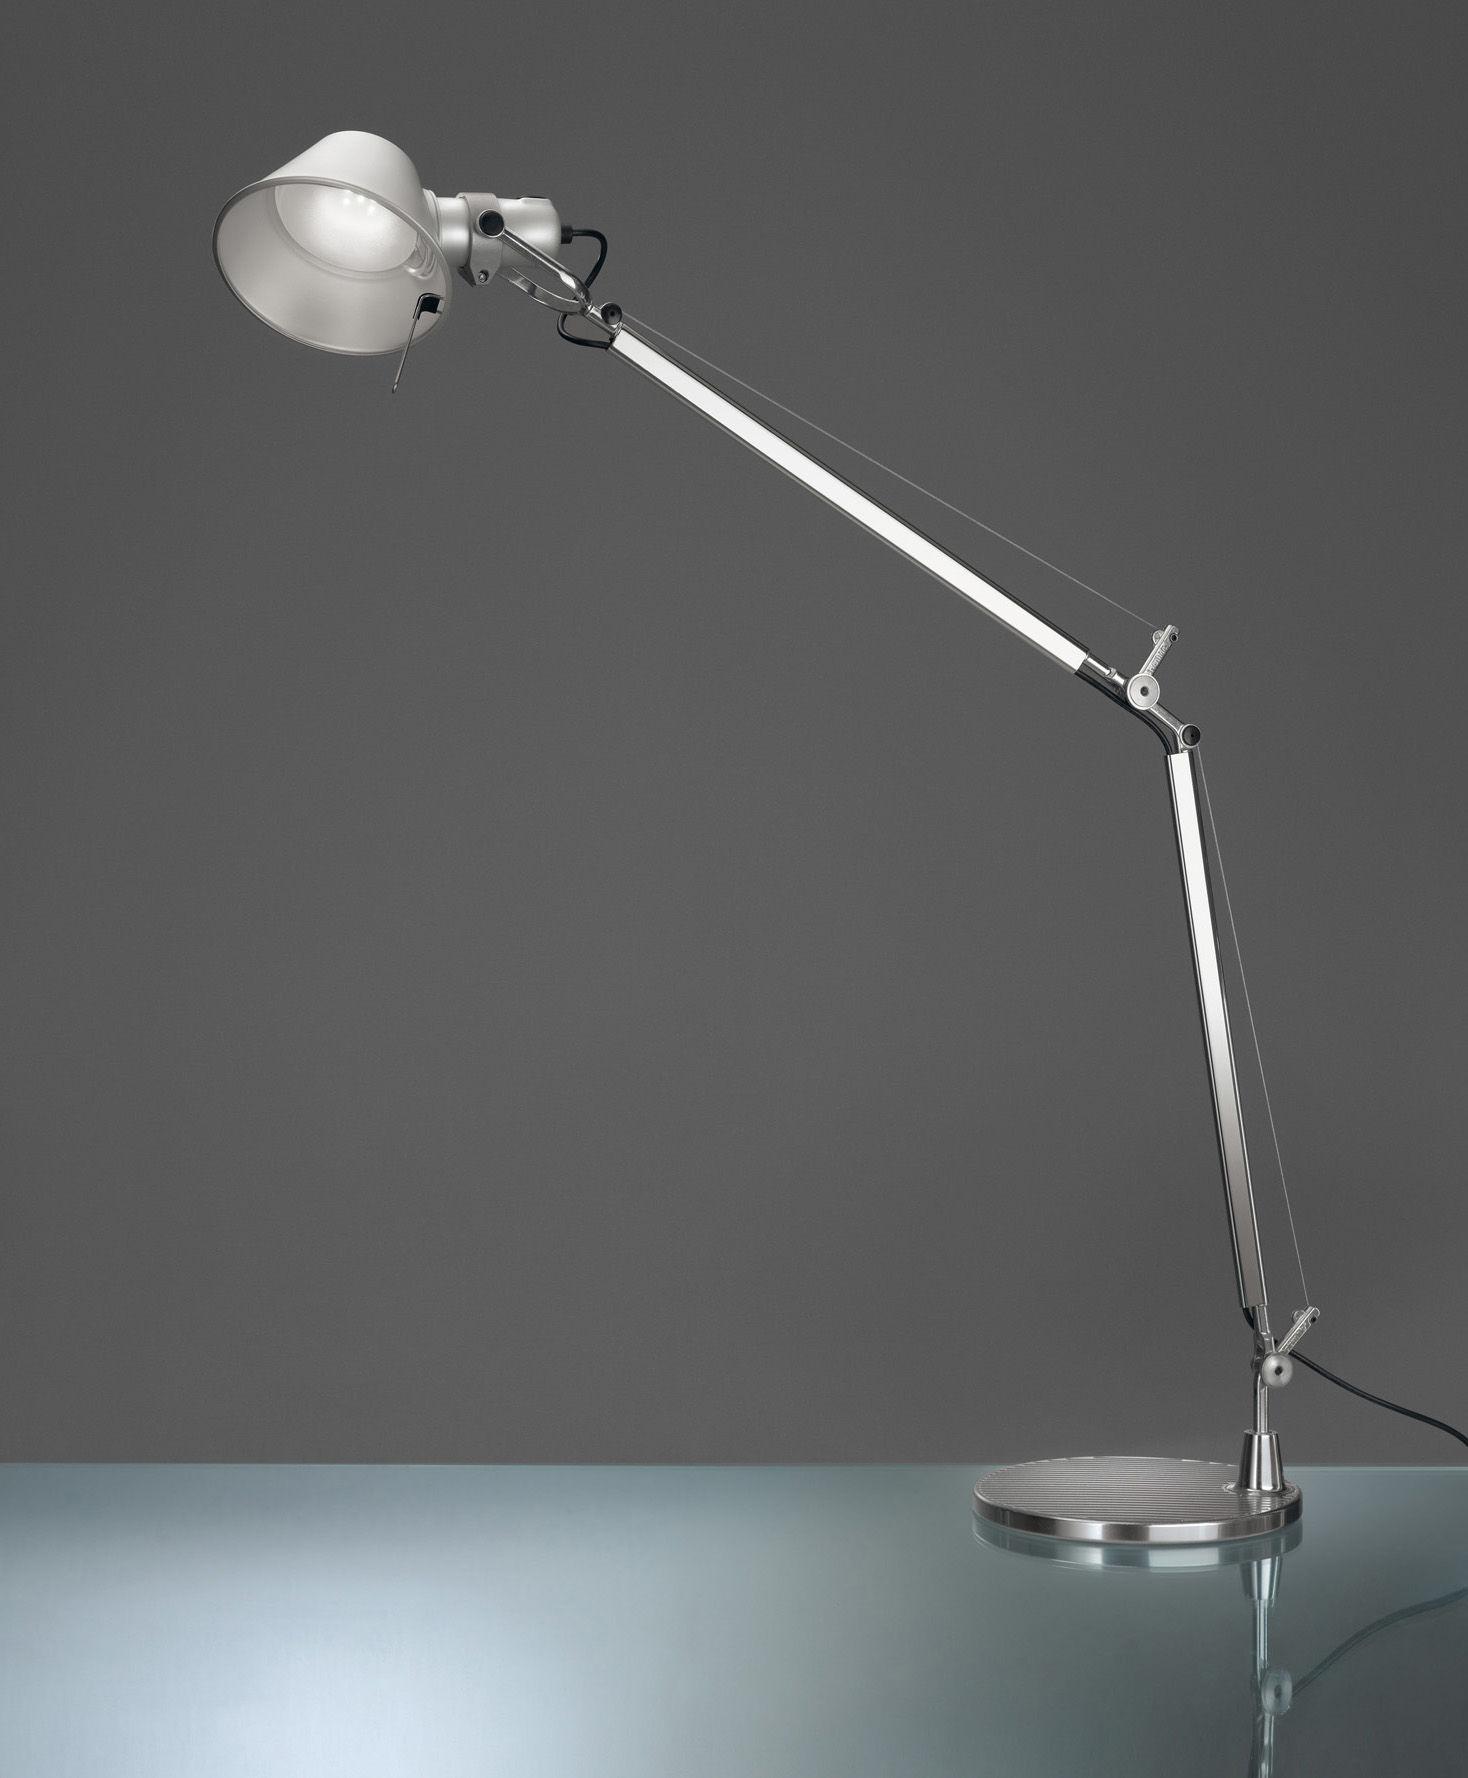 Leuchten - Stehleuchten - Tolomeo LED Leseleuchte LED - H 167 cm - Artemide - LED - Aluminium - Aluminium